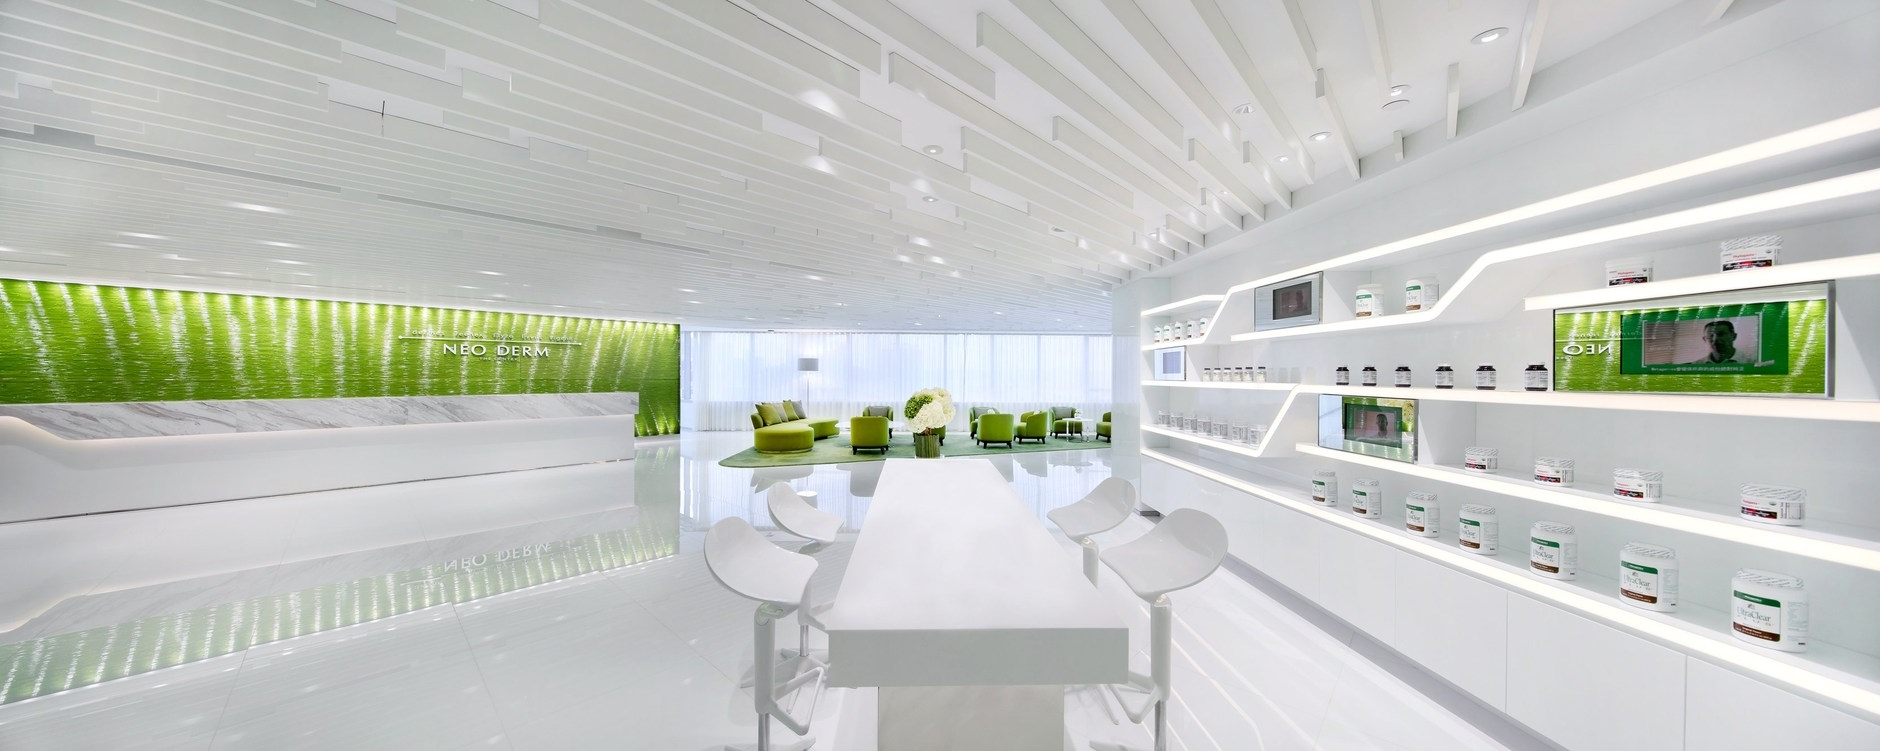 Neo Derm Interior By Beige Design Karmatrendz